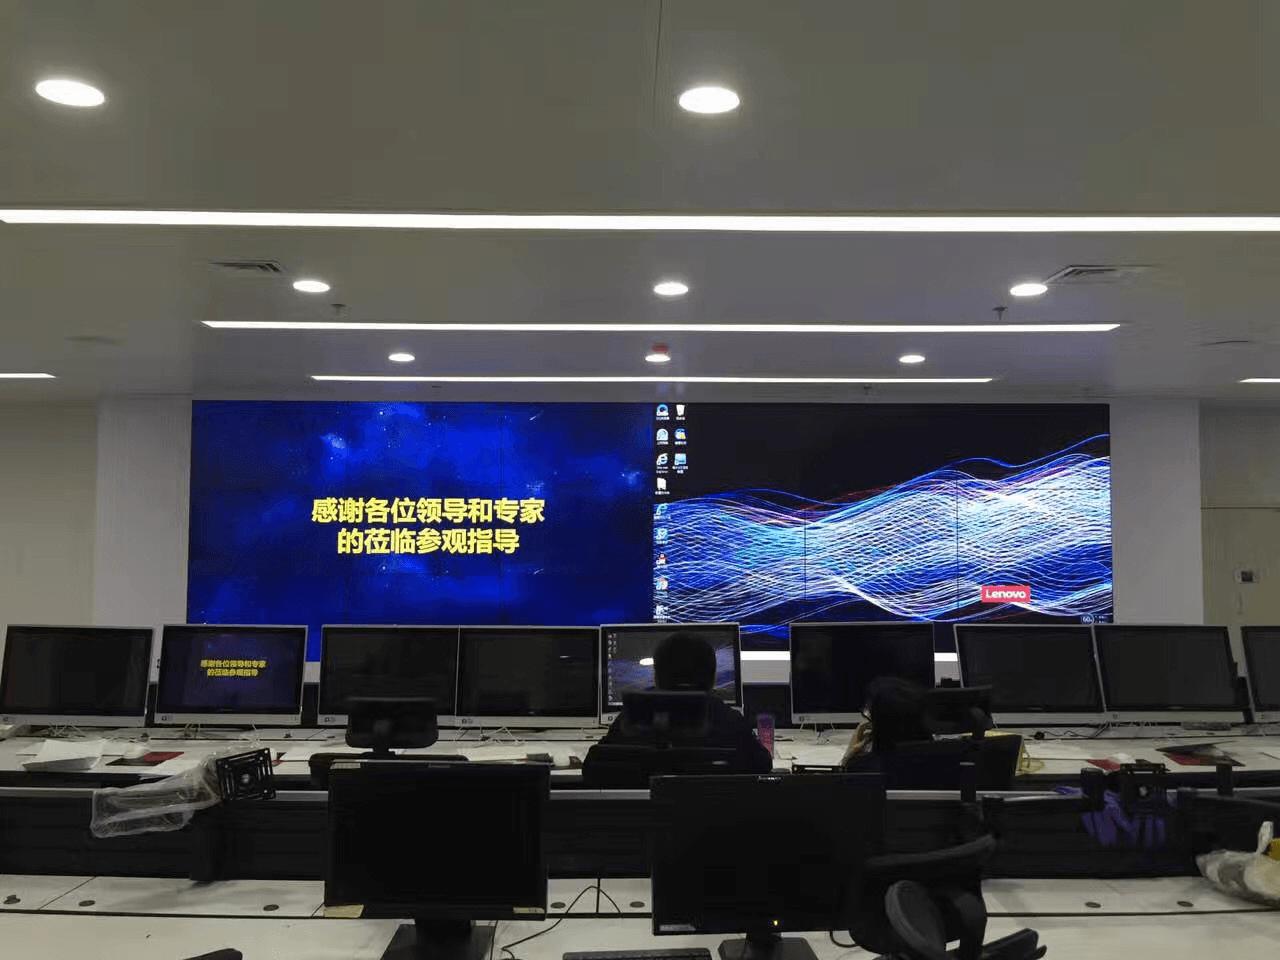 安防监控LED显示屏解决方案